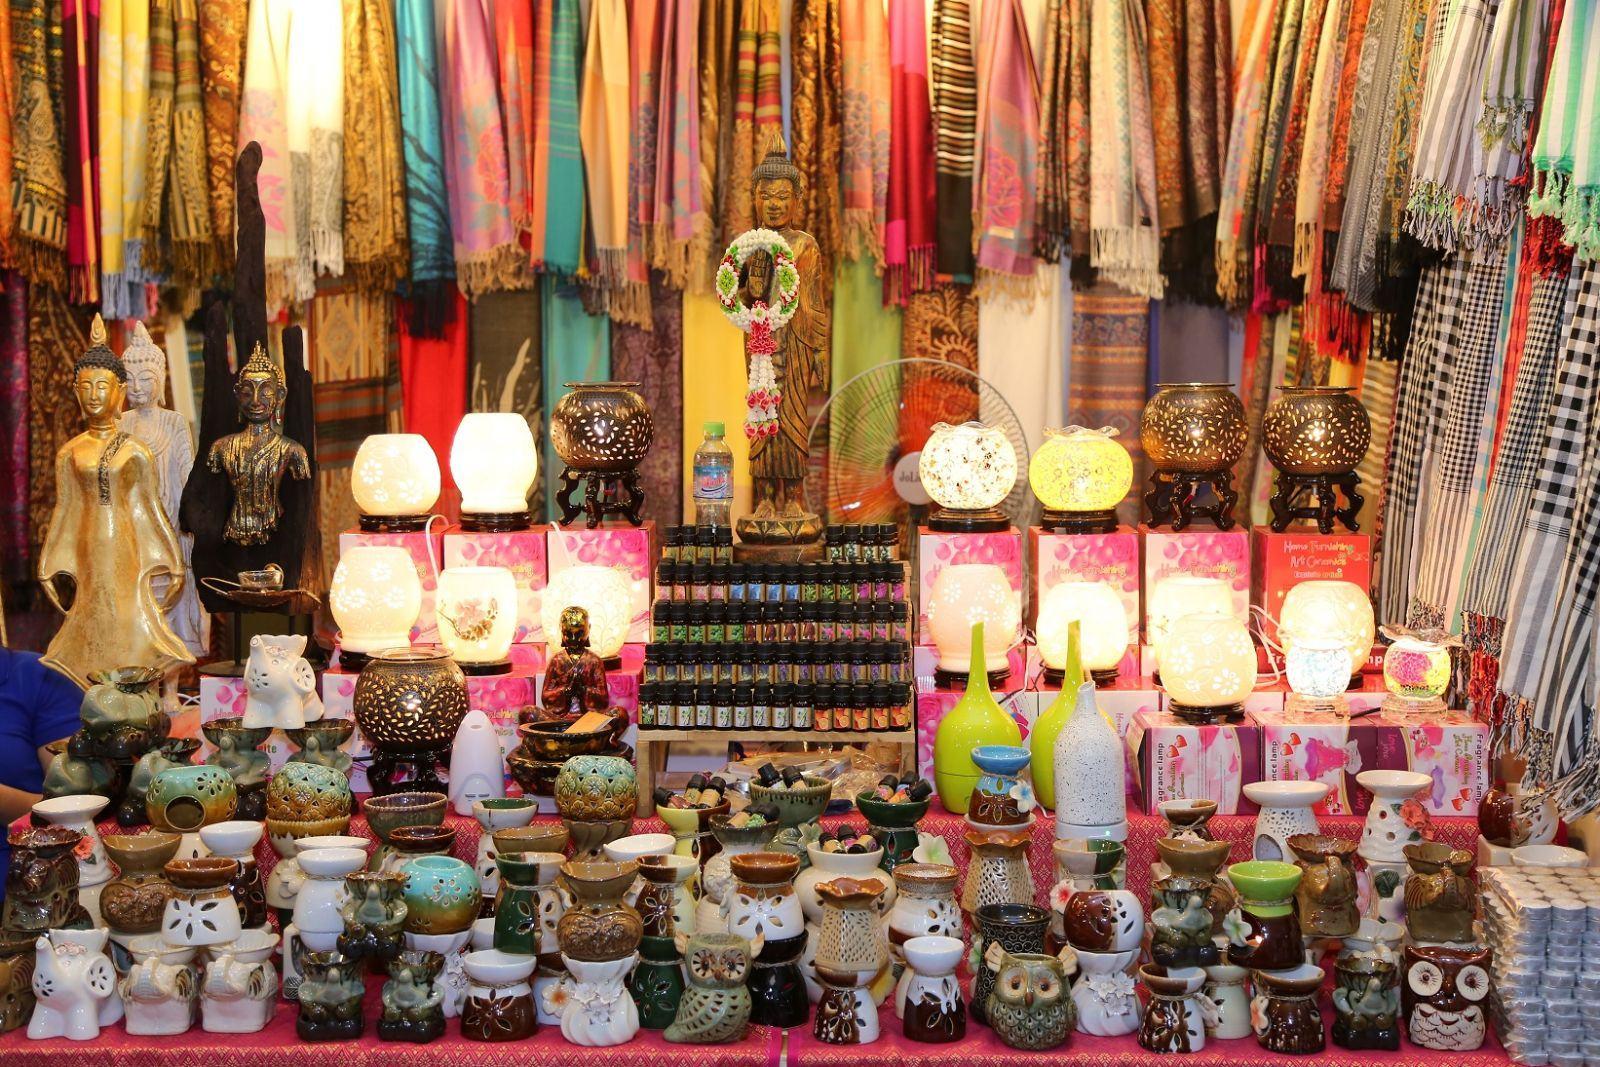 Kinh nghiệm mua hàng sỉ tại các chợ Thái Lan - image kinh-nghiem-mua-hang-thai-lan on https://www.atpsoftware.vn